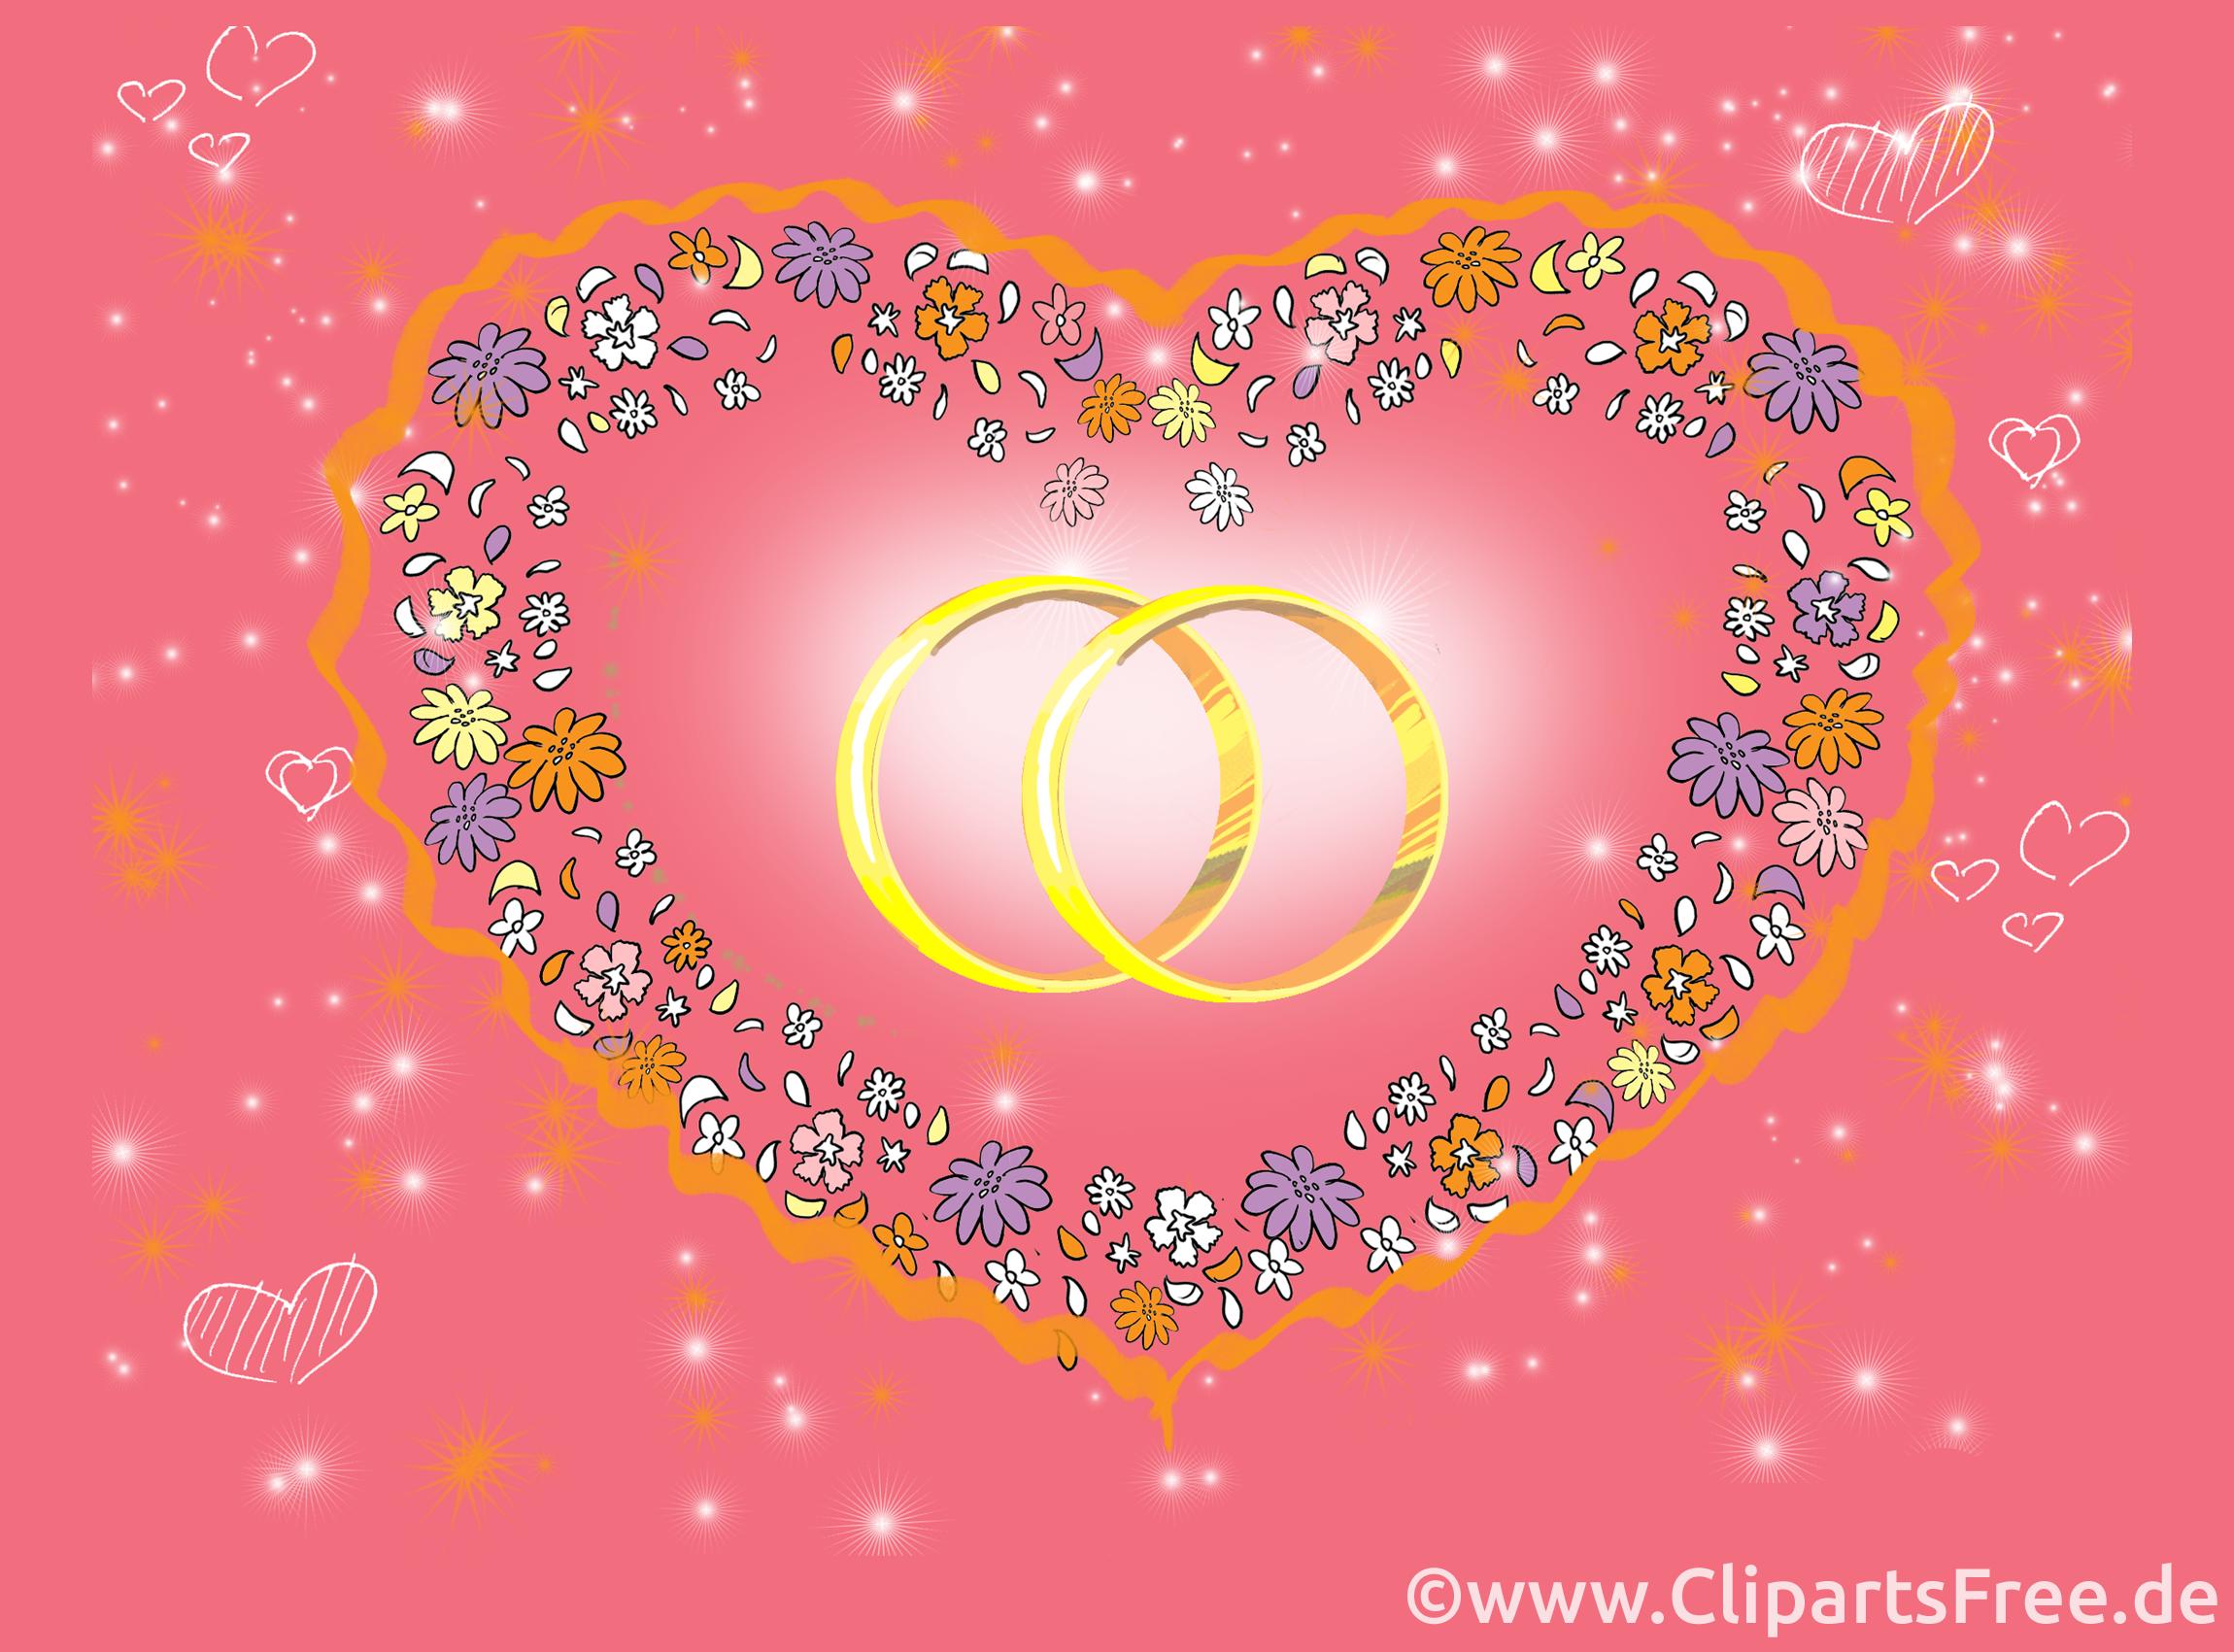 Coeur images gratuites mariage clipart mariage dessin - Images coeur gratuites ...